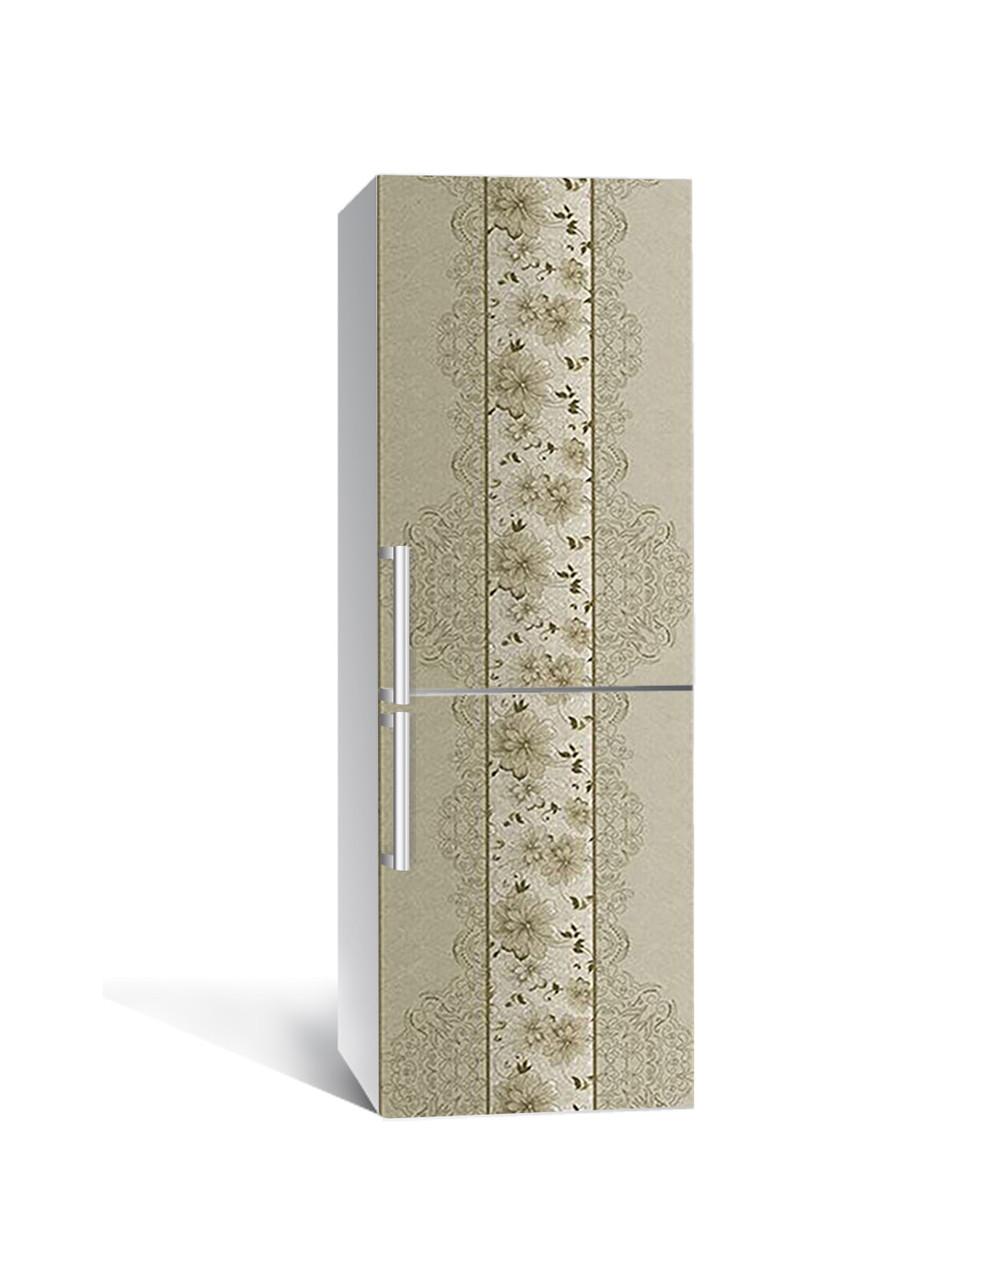 Виниловая наклейка на холодильник Винтажные Хризантемы самоклеющаяся ламинированная ПВХ под обои Орнамент